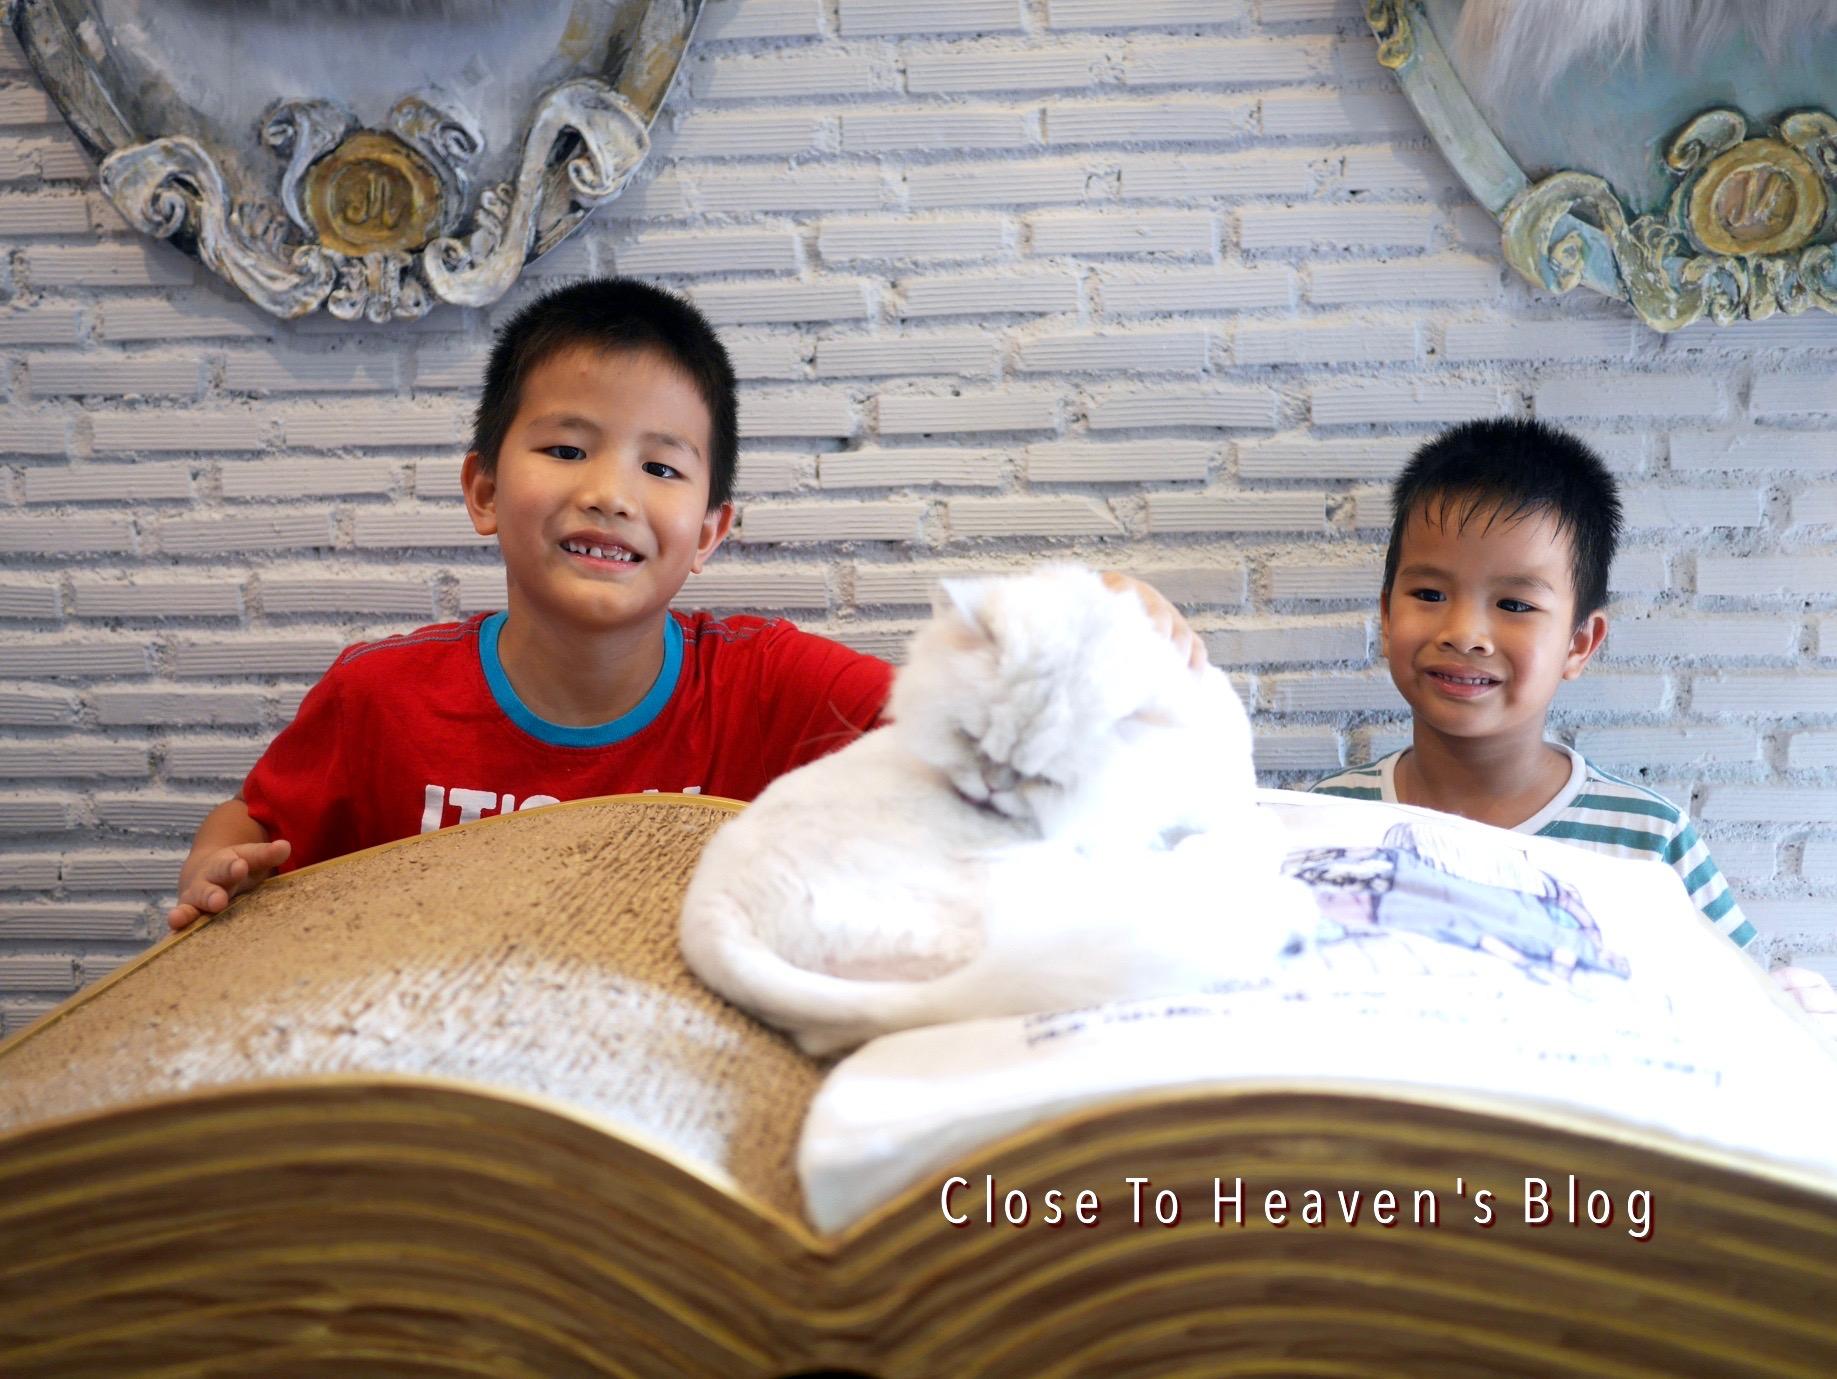 พาลูกเที่ยว คาเฟ่แมว Purr Cat Cafe Club บ้าง